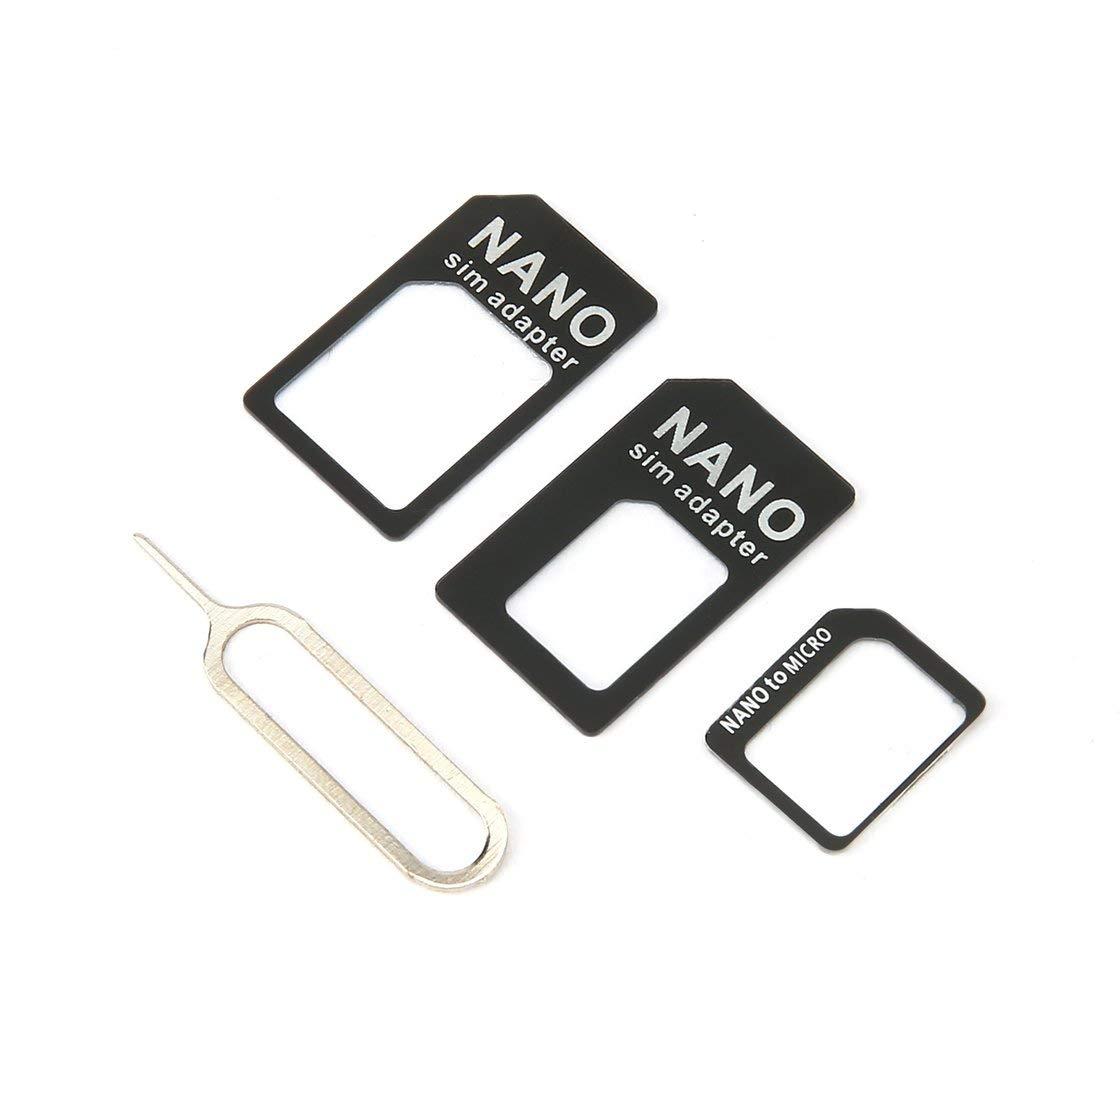 Gwendoll 3 en 1 pour Adaptateur Nano Sim et pour Adaptateur Micro Sim et Nano pour Micro Adaptateur avec Aiguille pour appareils Mobiles Taille compacte